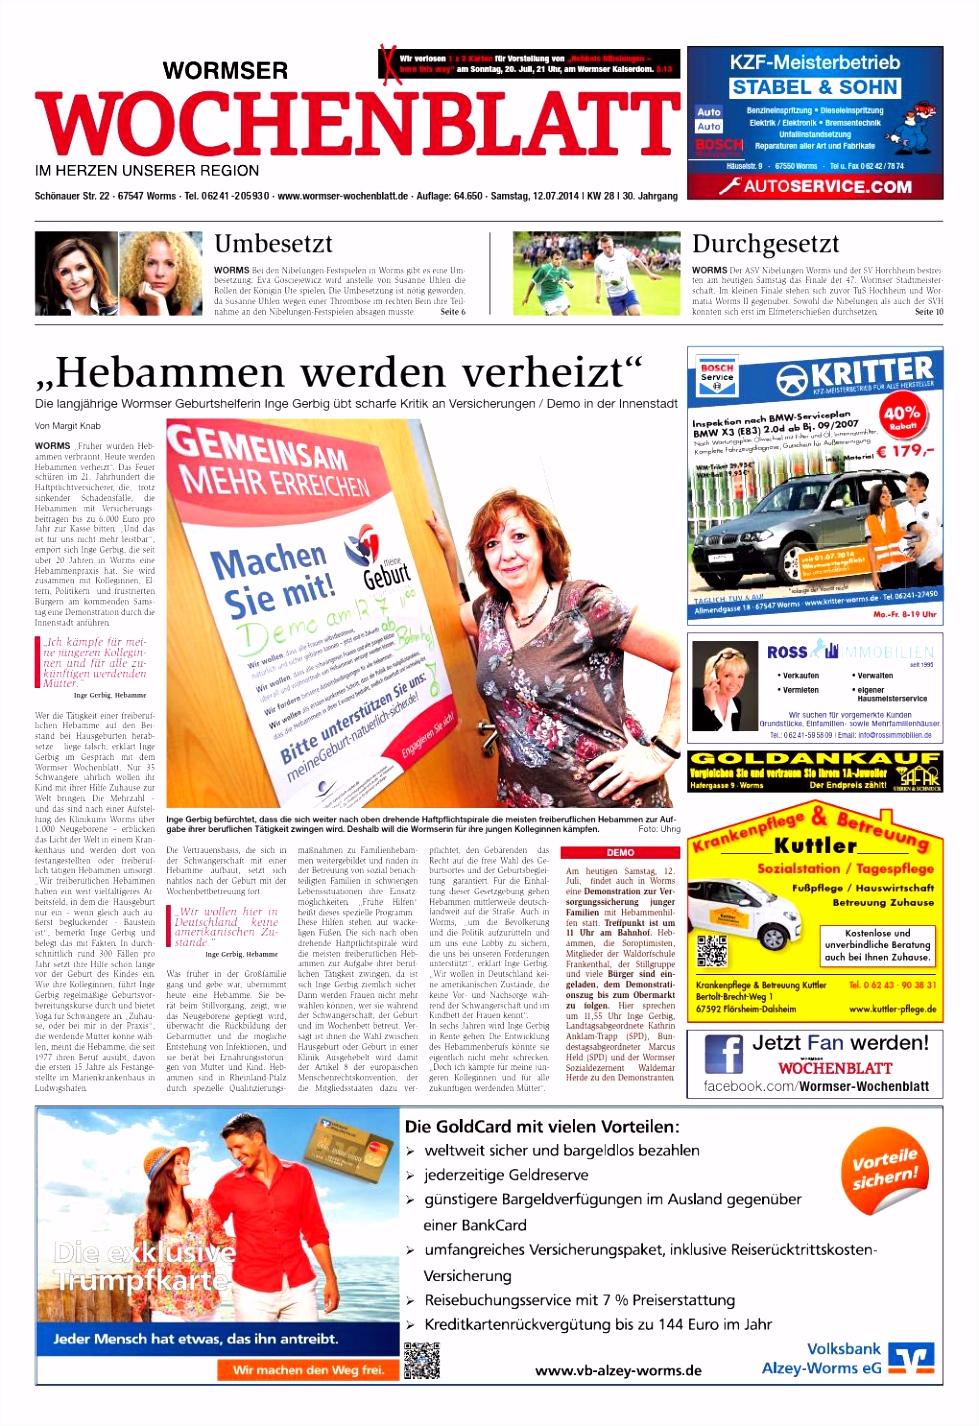 Wormser Wochenblatt 2014 28 Sa by Wormser Wochenblatt issuu